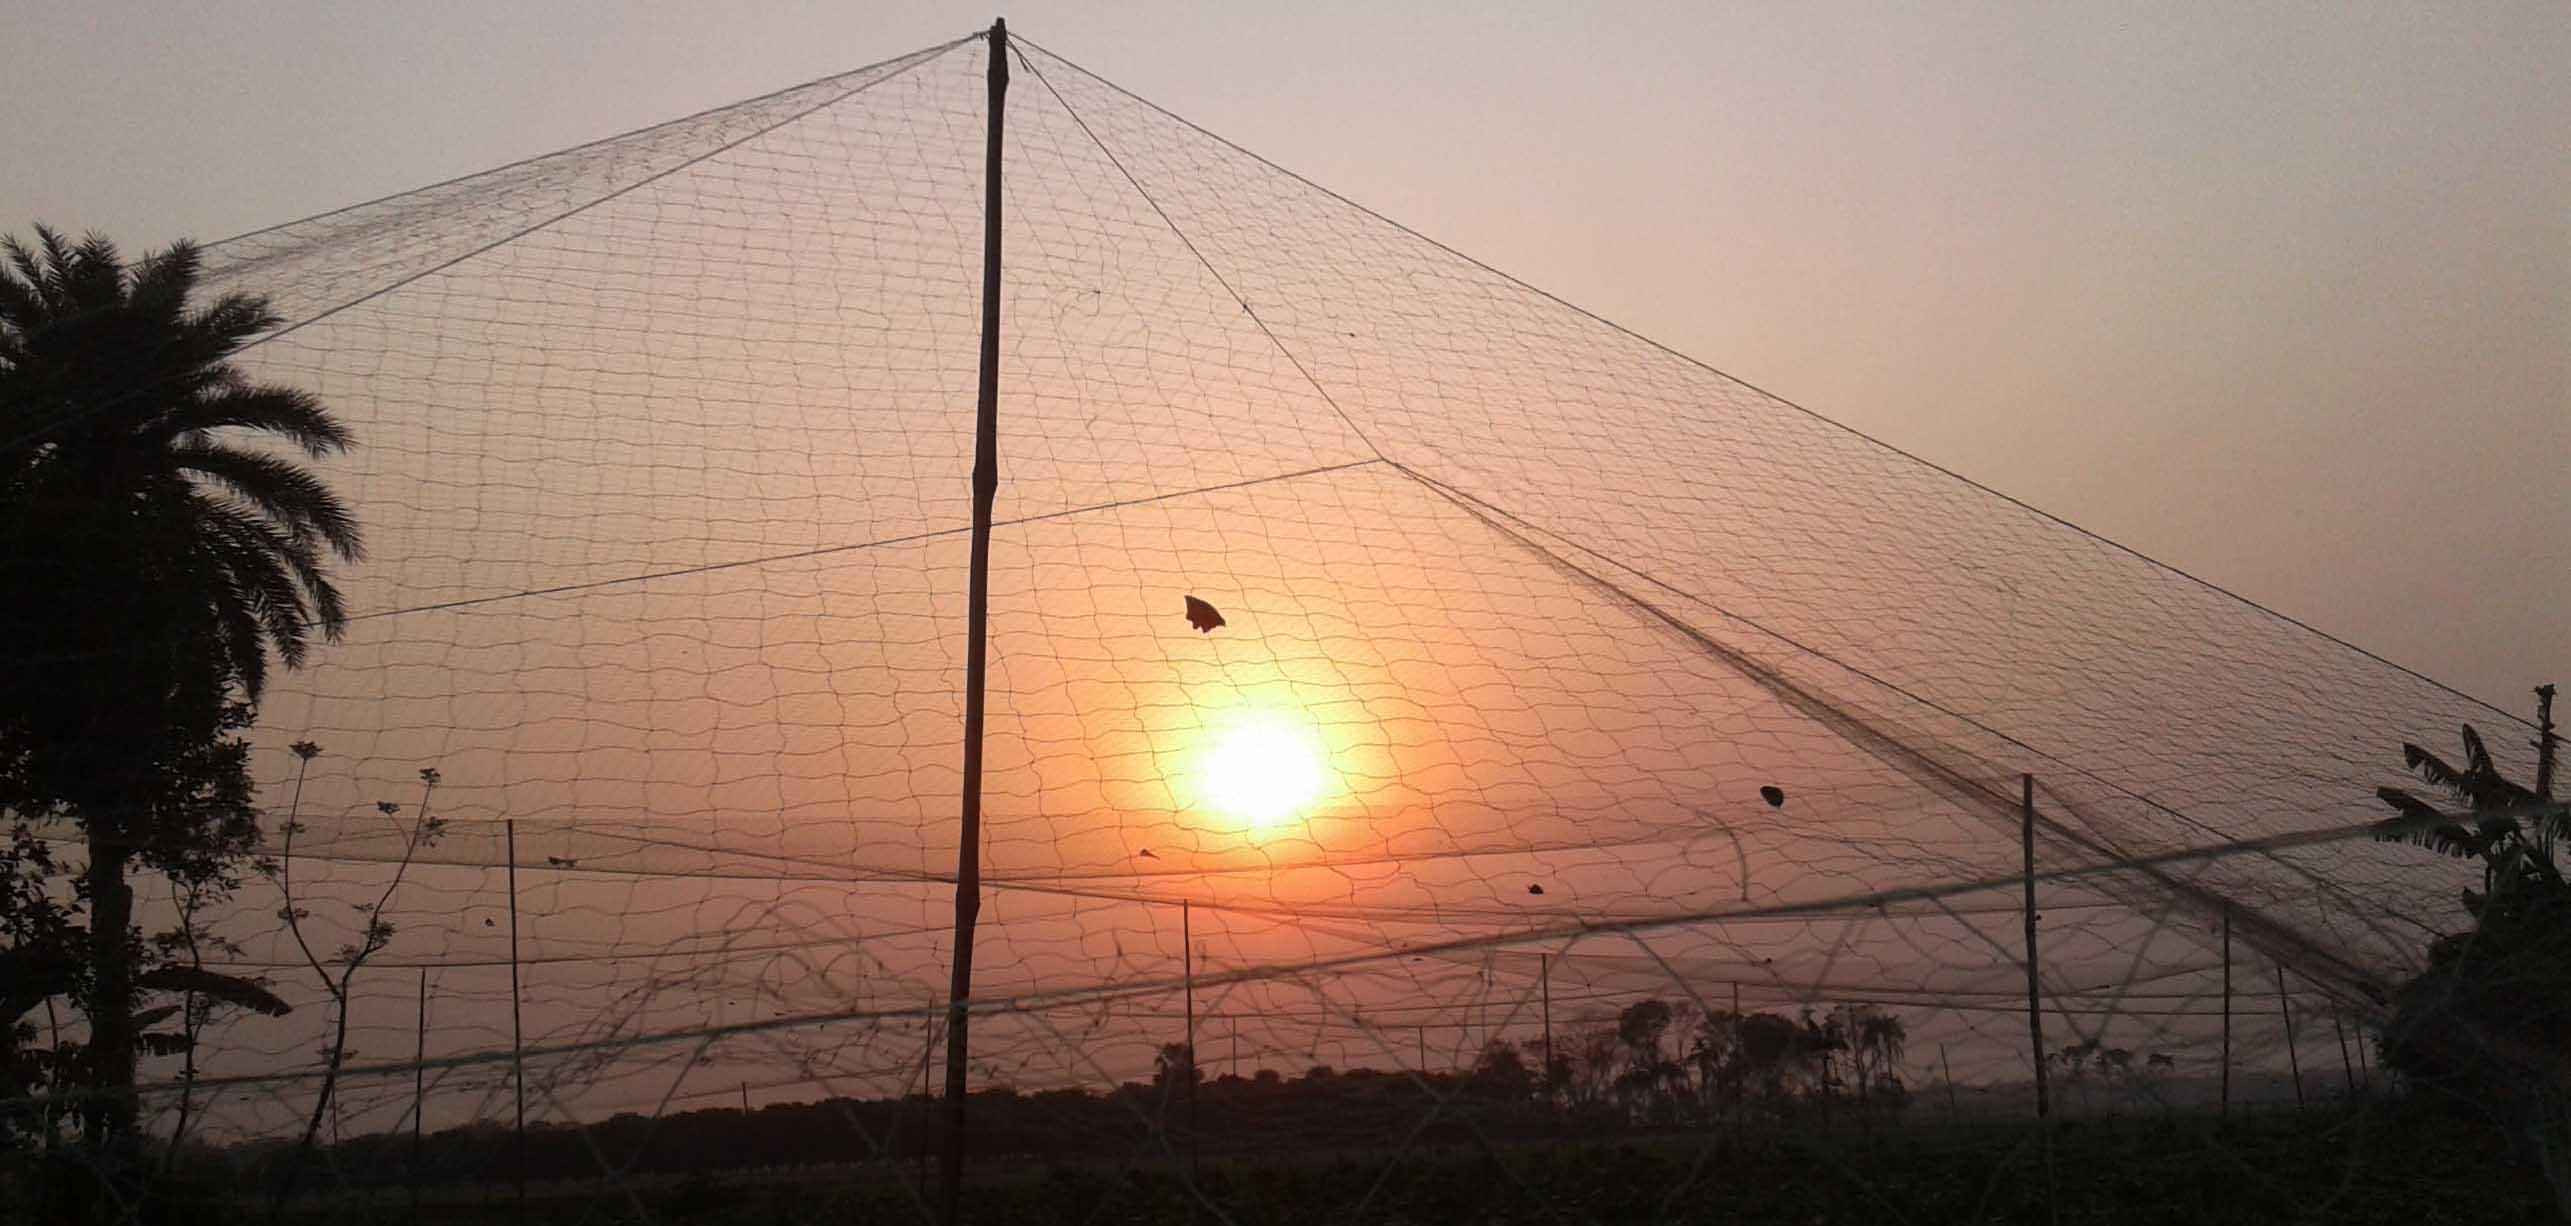 শার্শায় কারেন্ট জালে নির্বিচারে চলছে পাখি শিকার